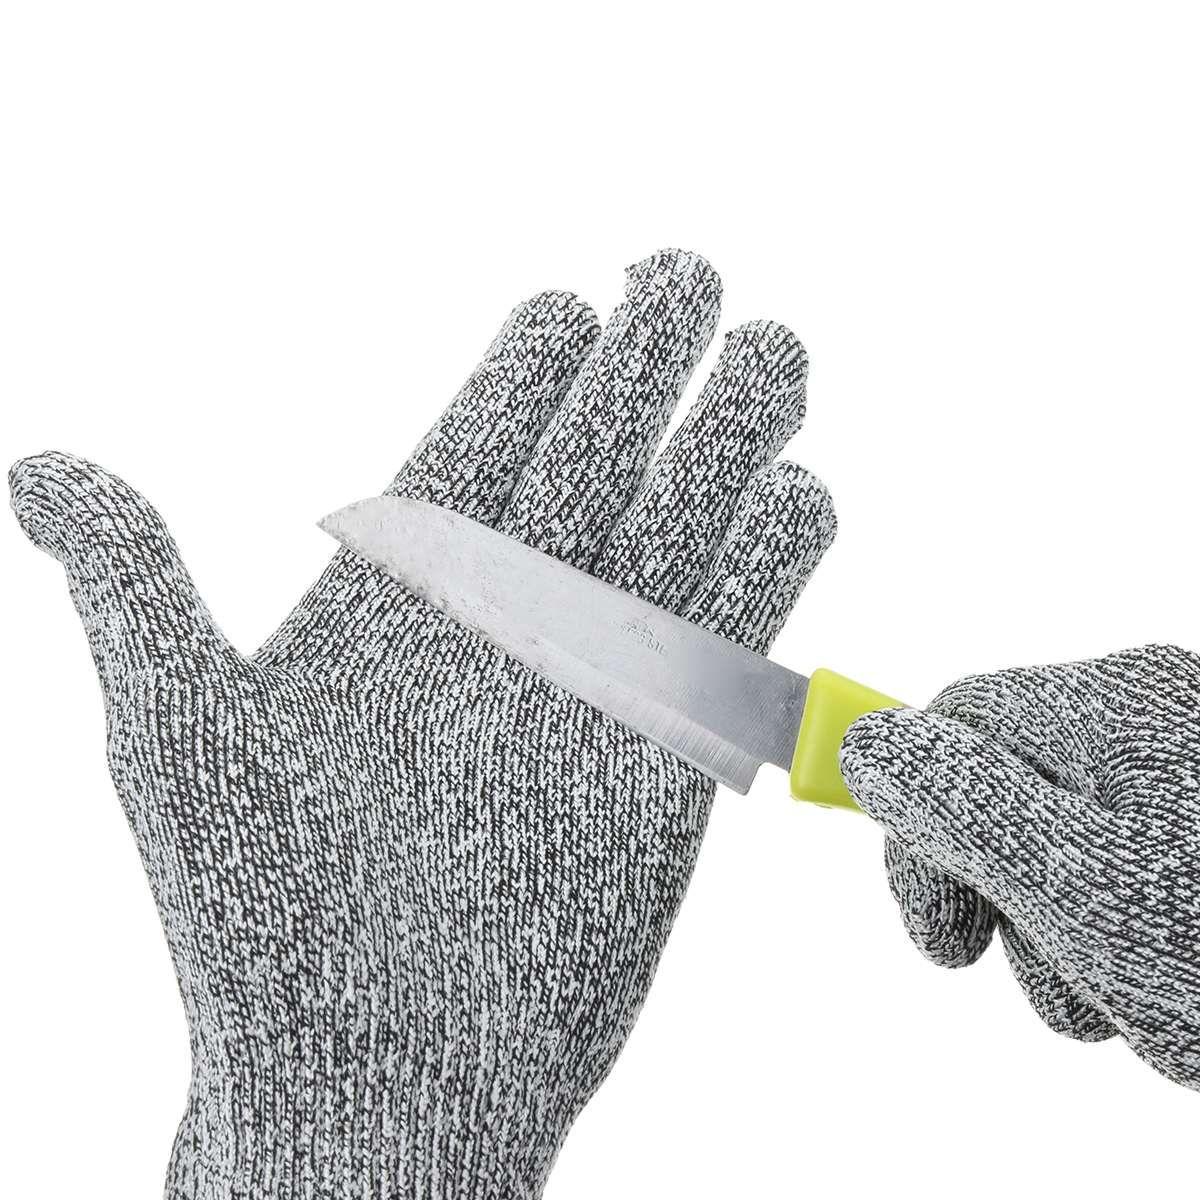 NEUE Safurance Anti-Schneiden Schnittfeste Handschuhe Lebensmittelqualität Küche Metzger Schutz 5 Arbeitssicherheit